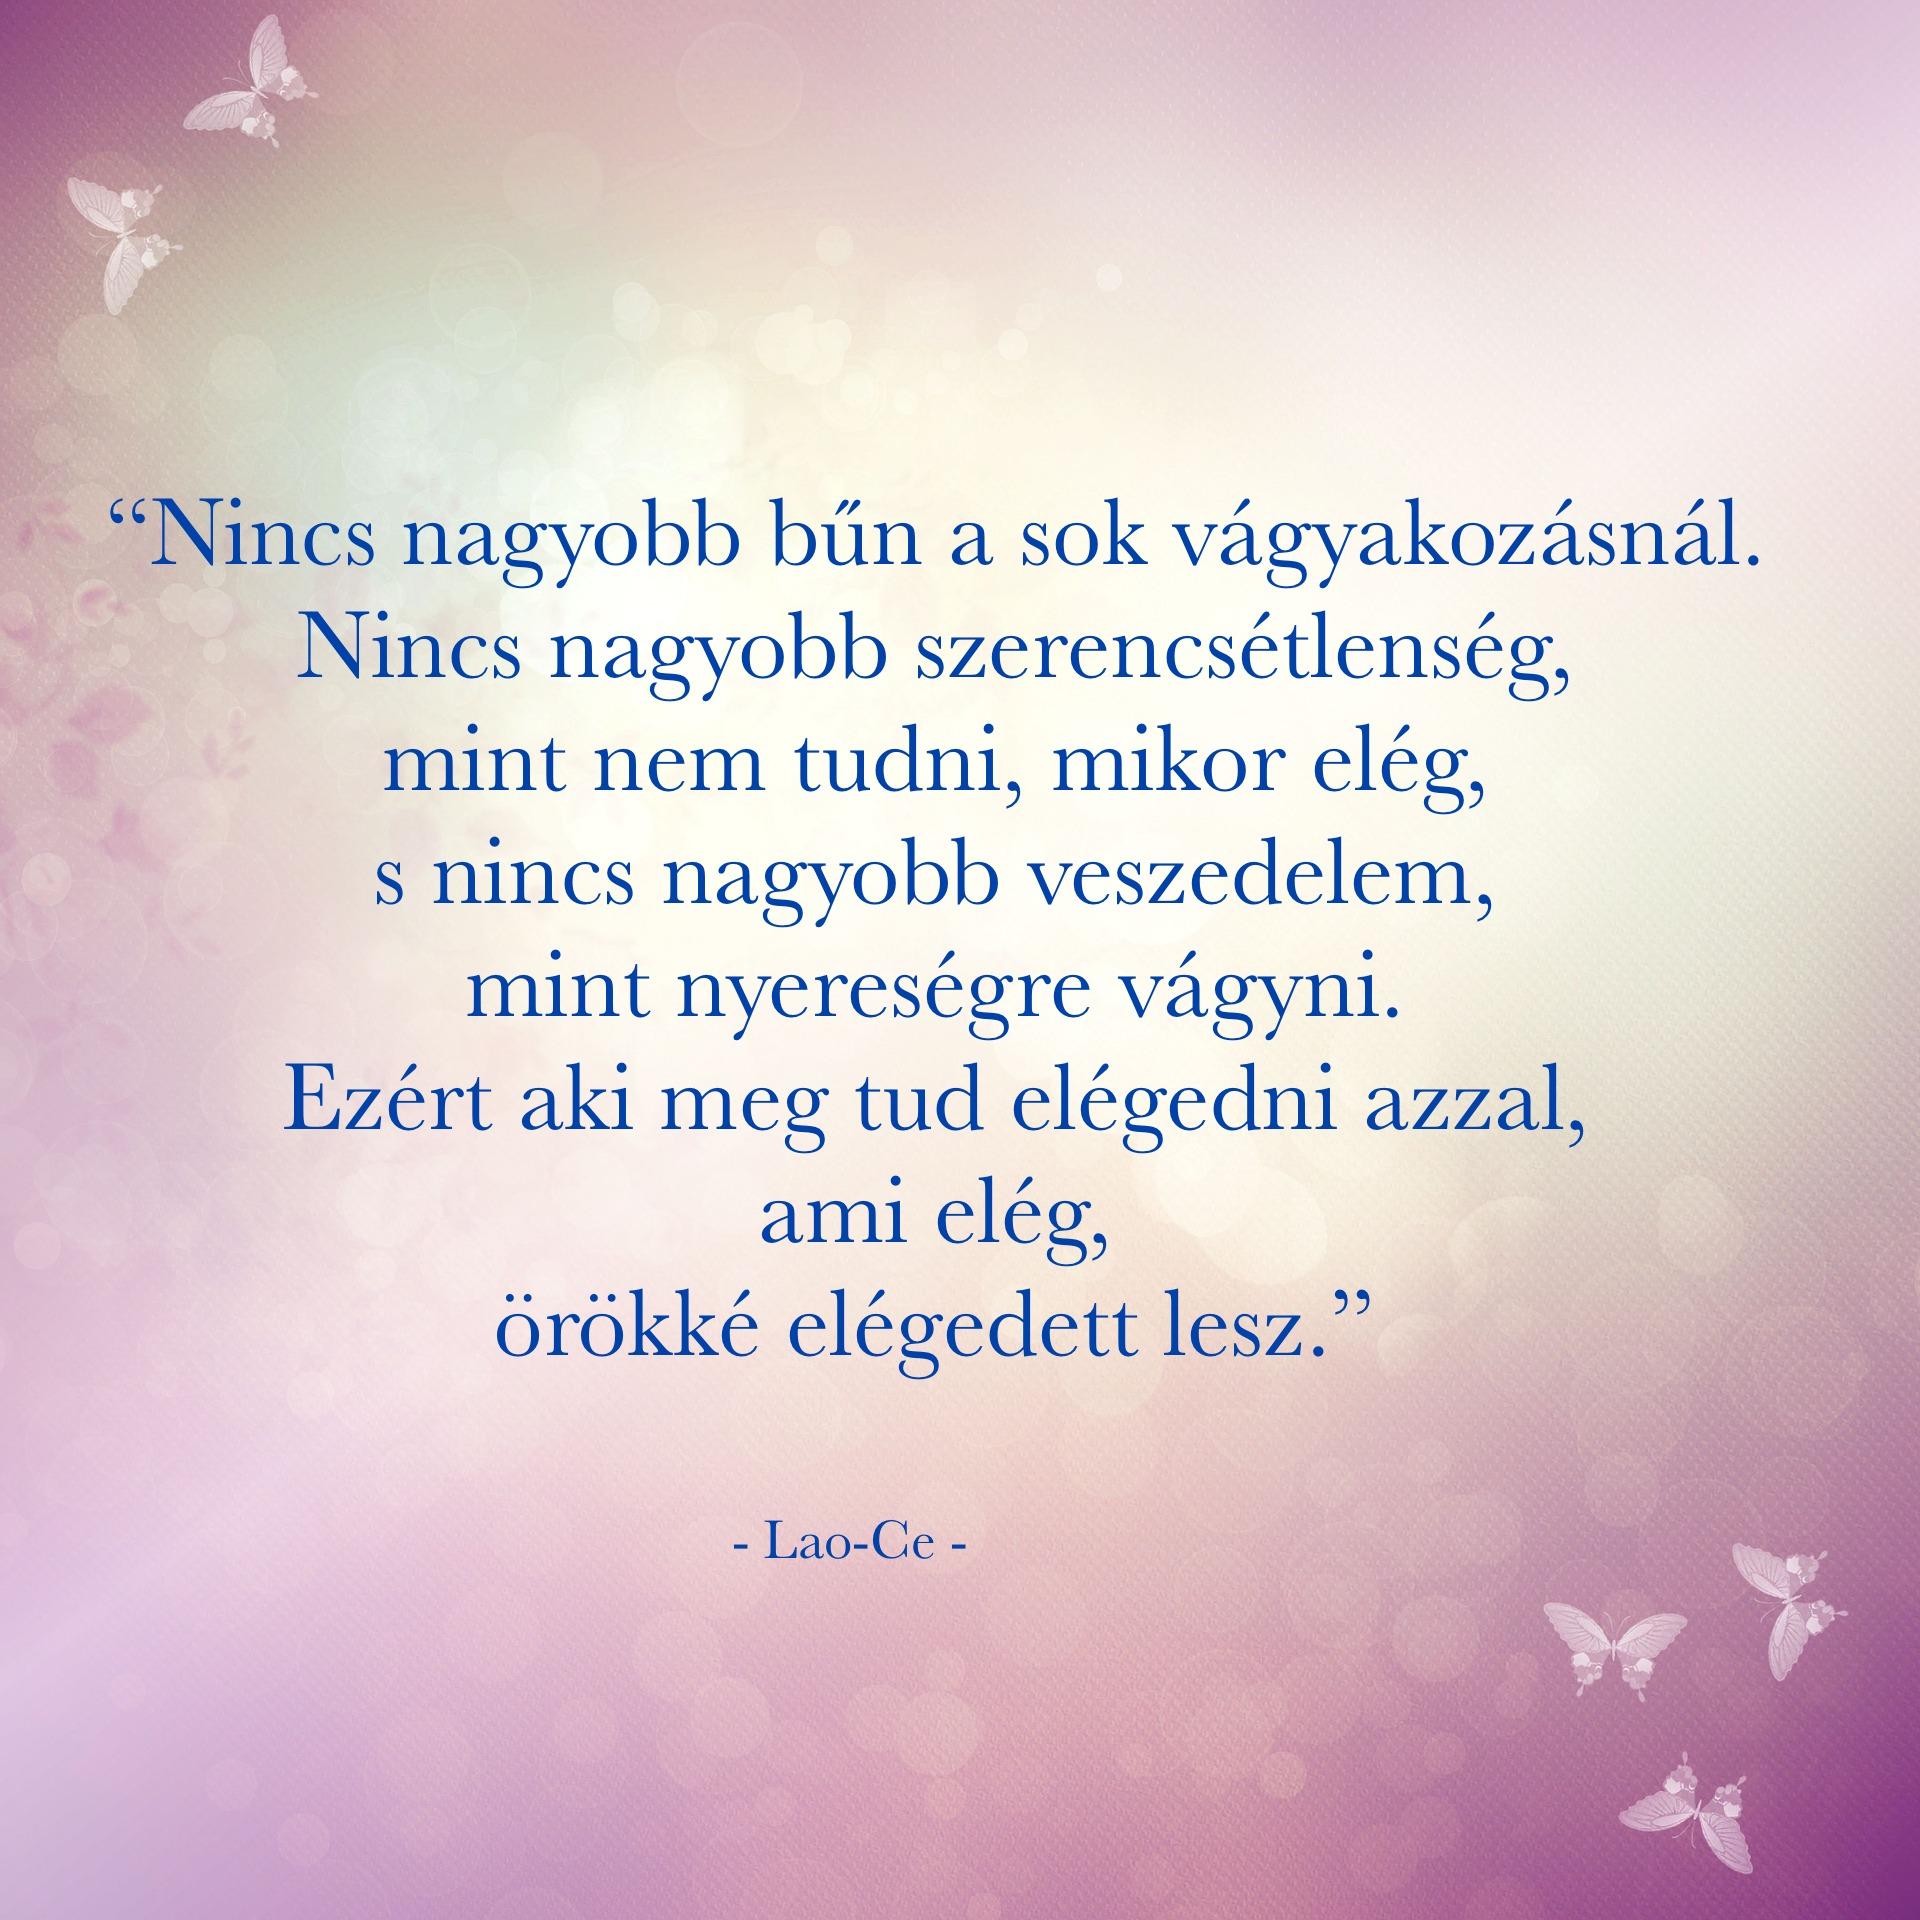 Nincs nagyobb bűn a sok vágyakozásnál...aki meg tud elégedni ...örökké elégedett lesz - Lao-Ce idézet - Jóga Mindennap motiváció megerősítés meditáció